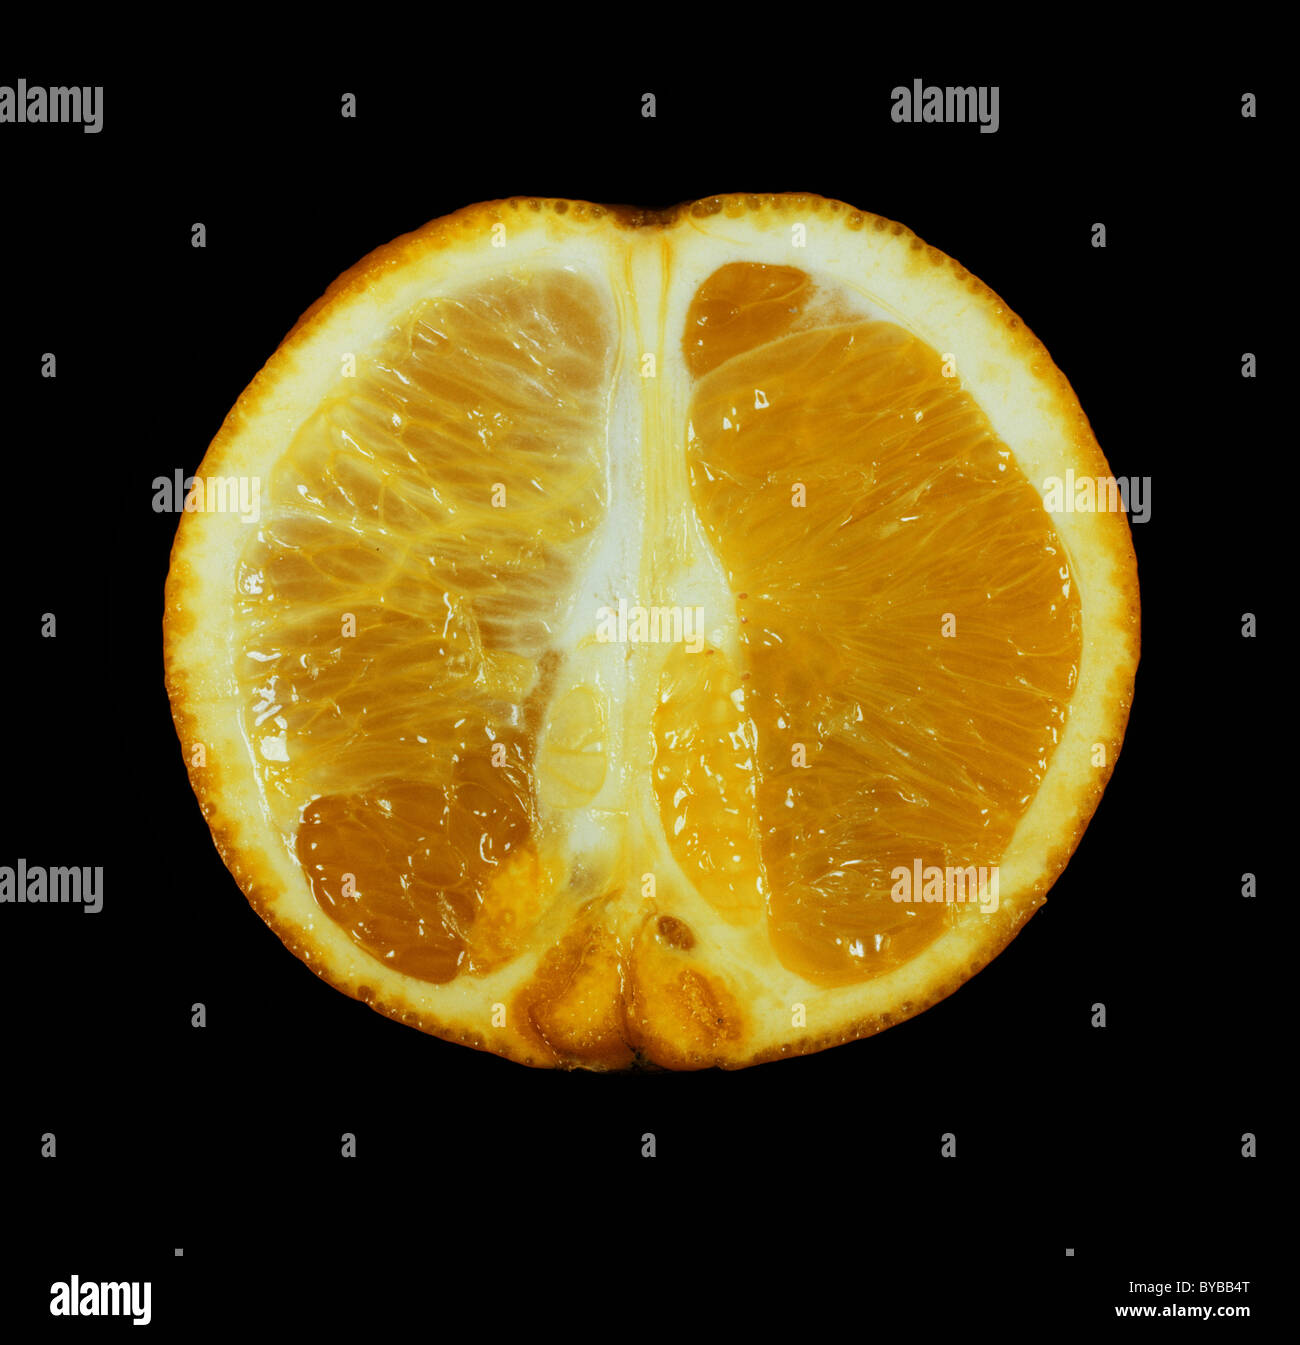 Cut section (longitudinal) of an orange fruit variety Washington Navel - Stock Image